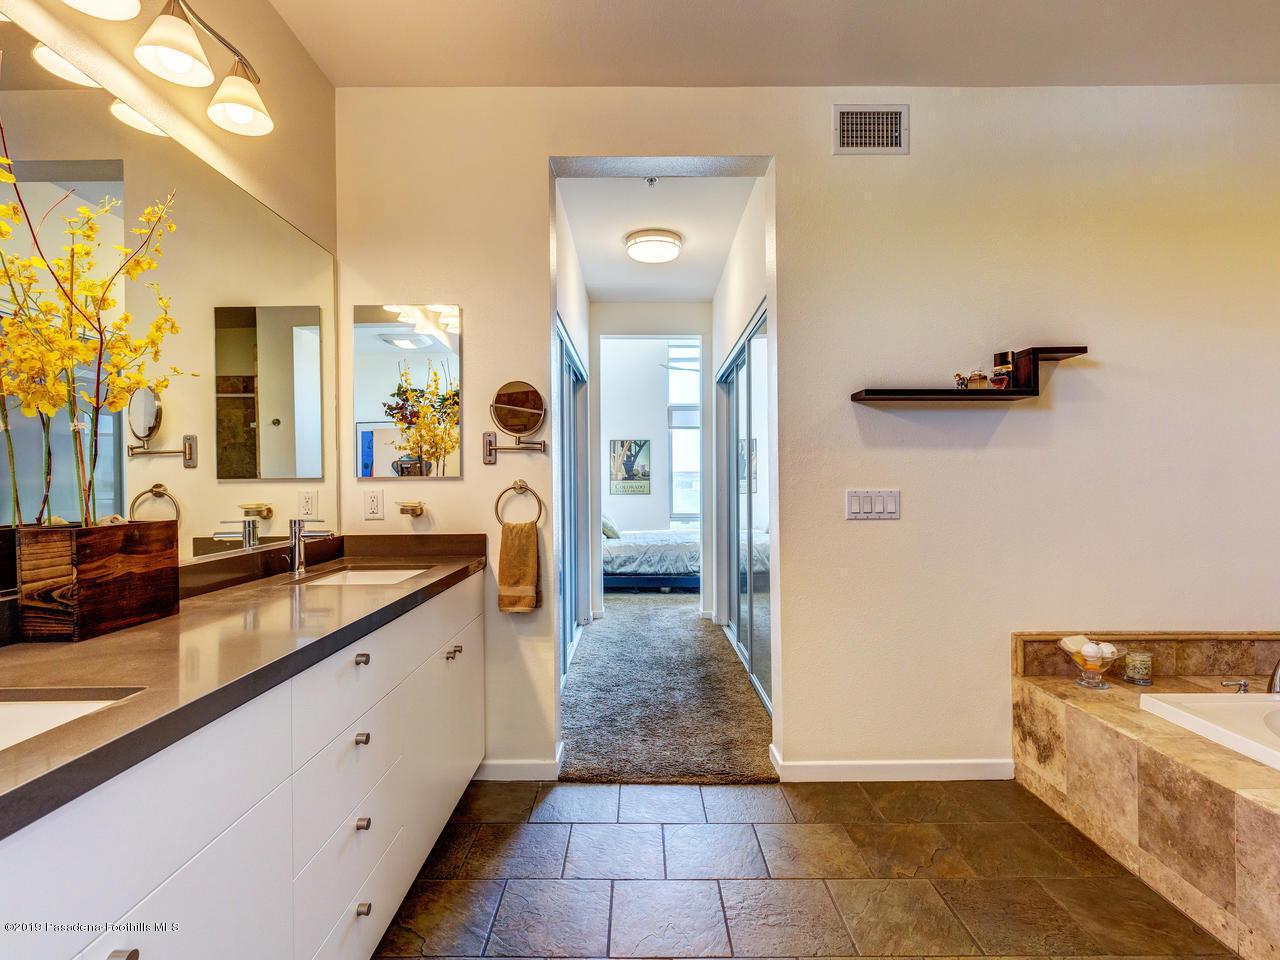 111 DE LACEY, Pasadena, CA 91105 - Master Bath